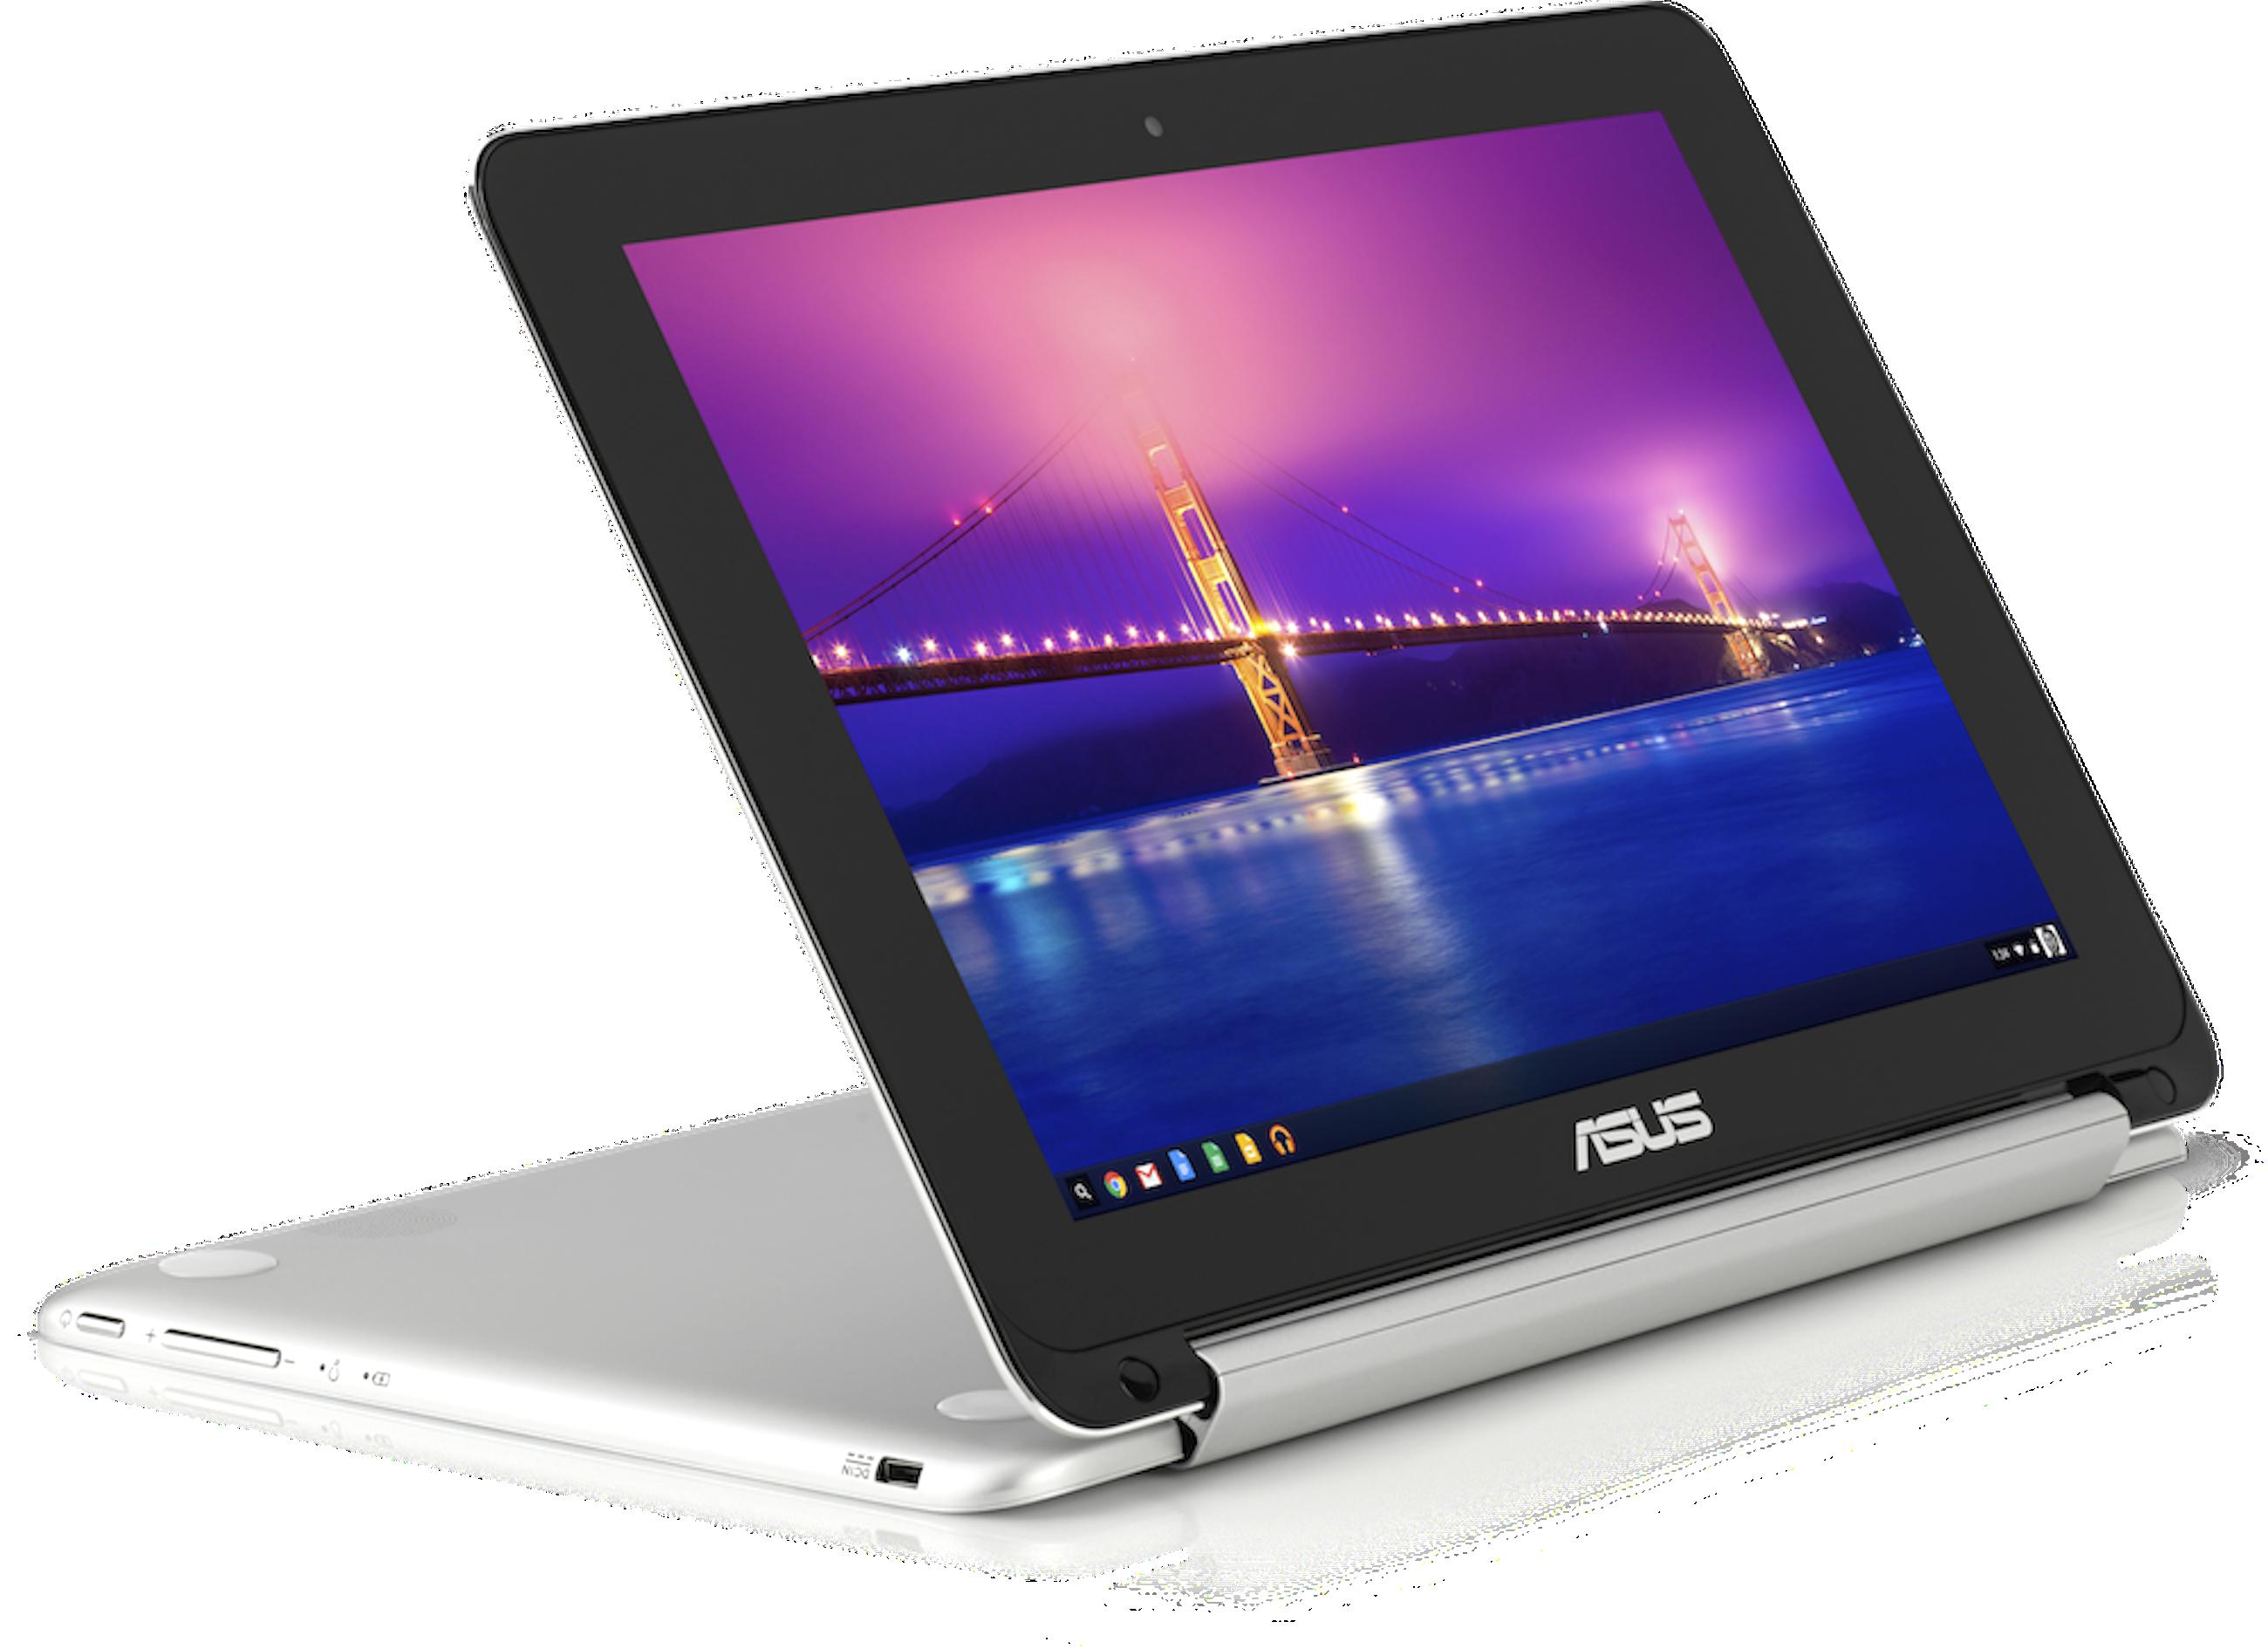 Das Chromebook Flip von Asus kann als Tablet und Notebook genutzt werden, die Tastatur ist nach hinten wegklappbar.